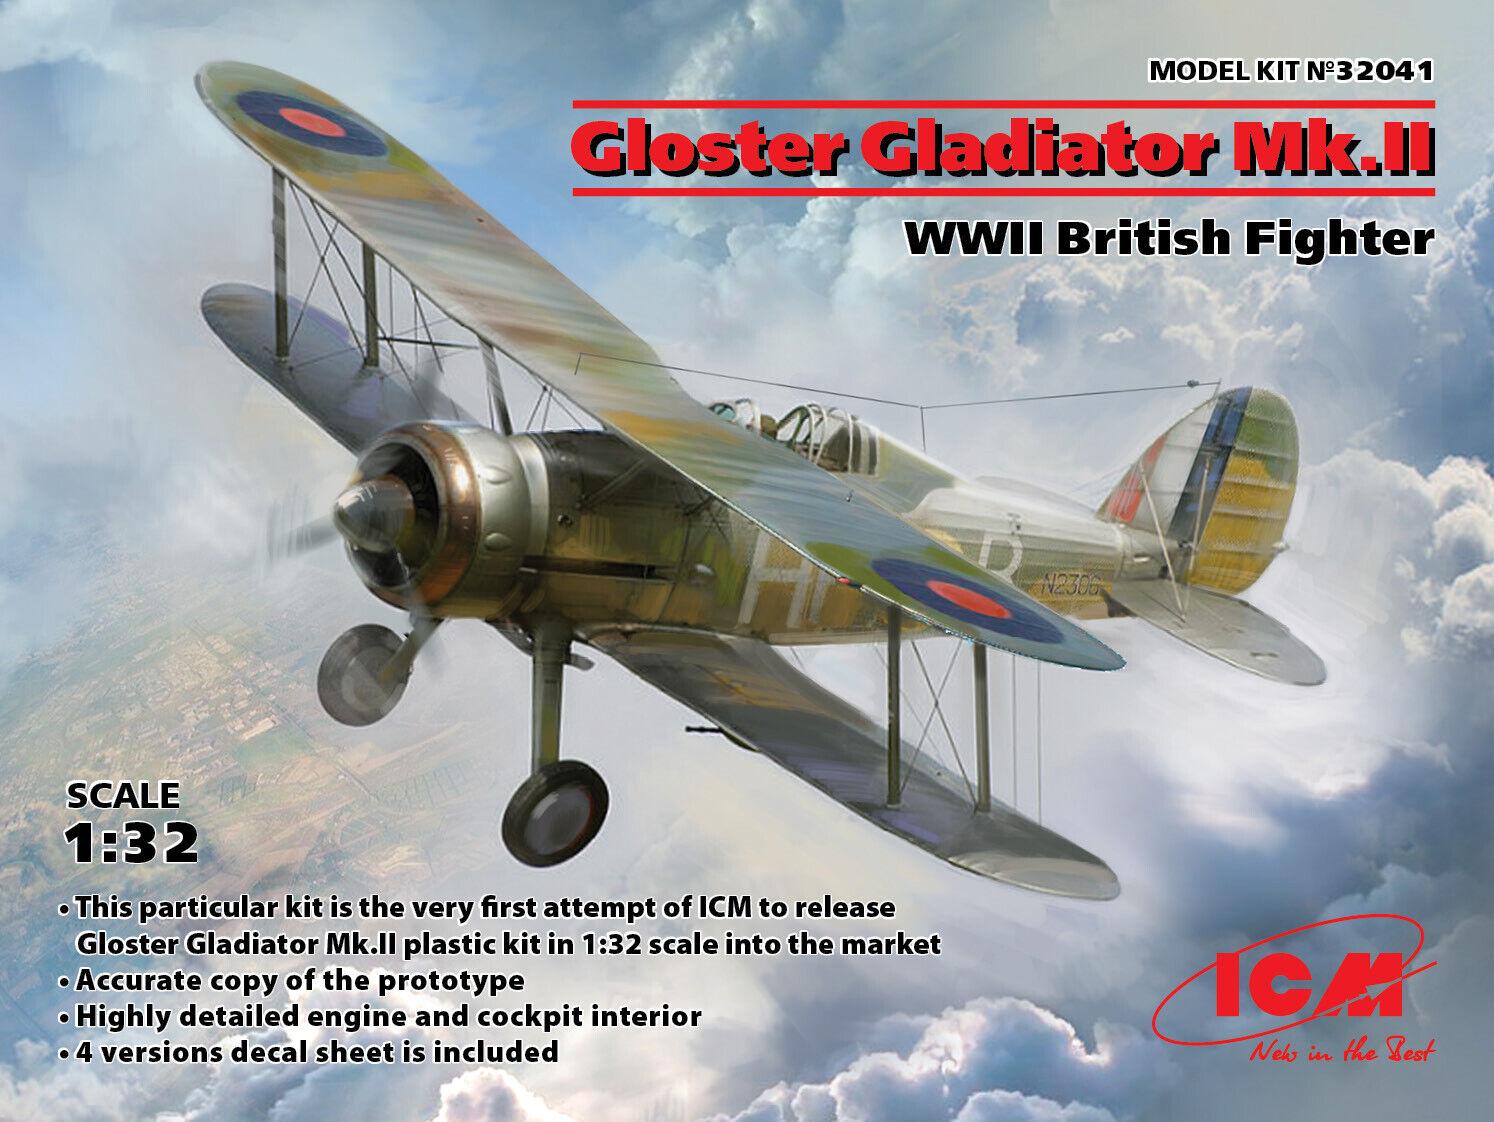 Icm 32041 - Gloster Gladiator Mk.ii WWII Britisch Fighter - 1 3 2